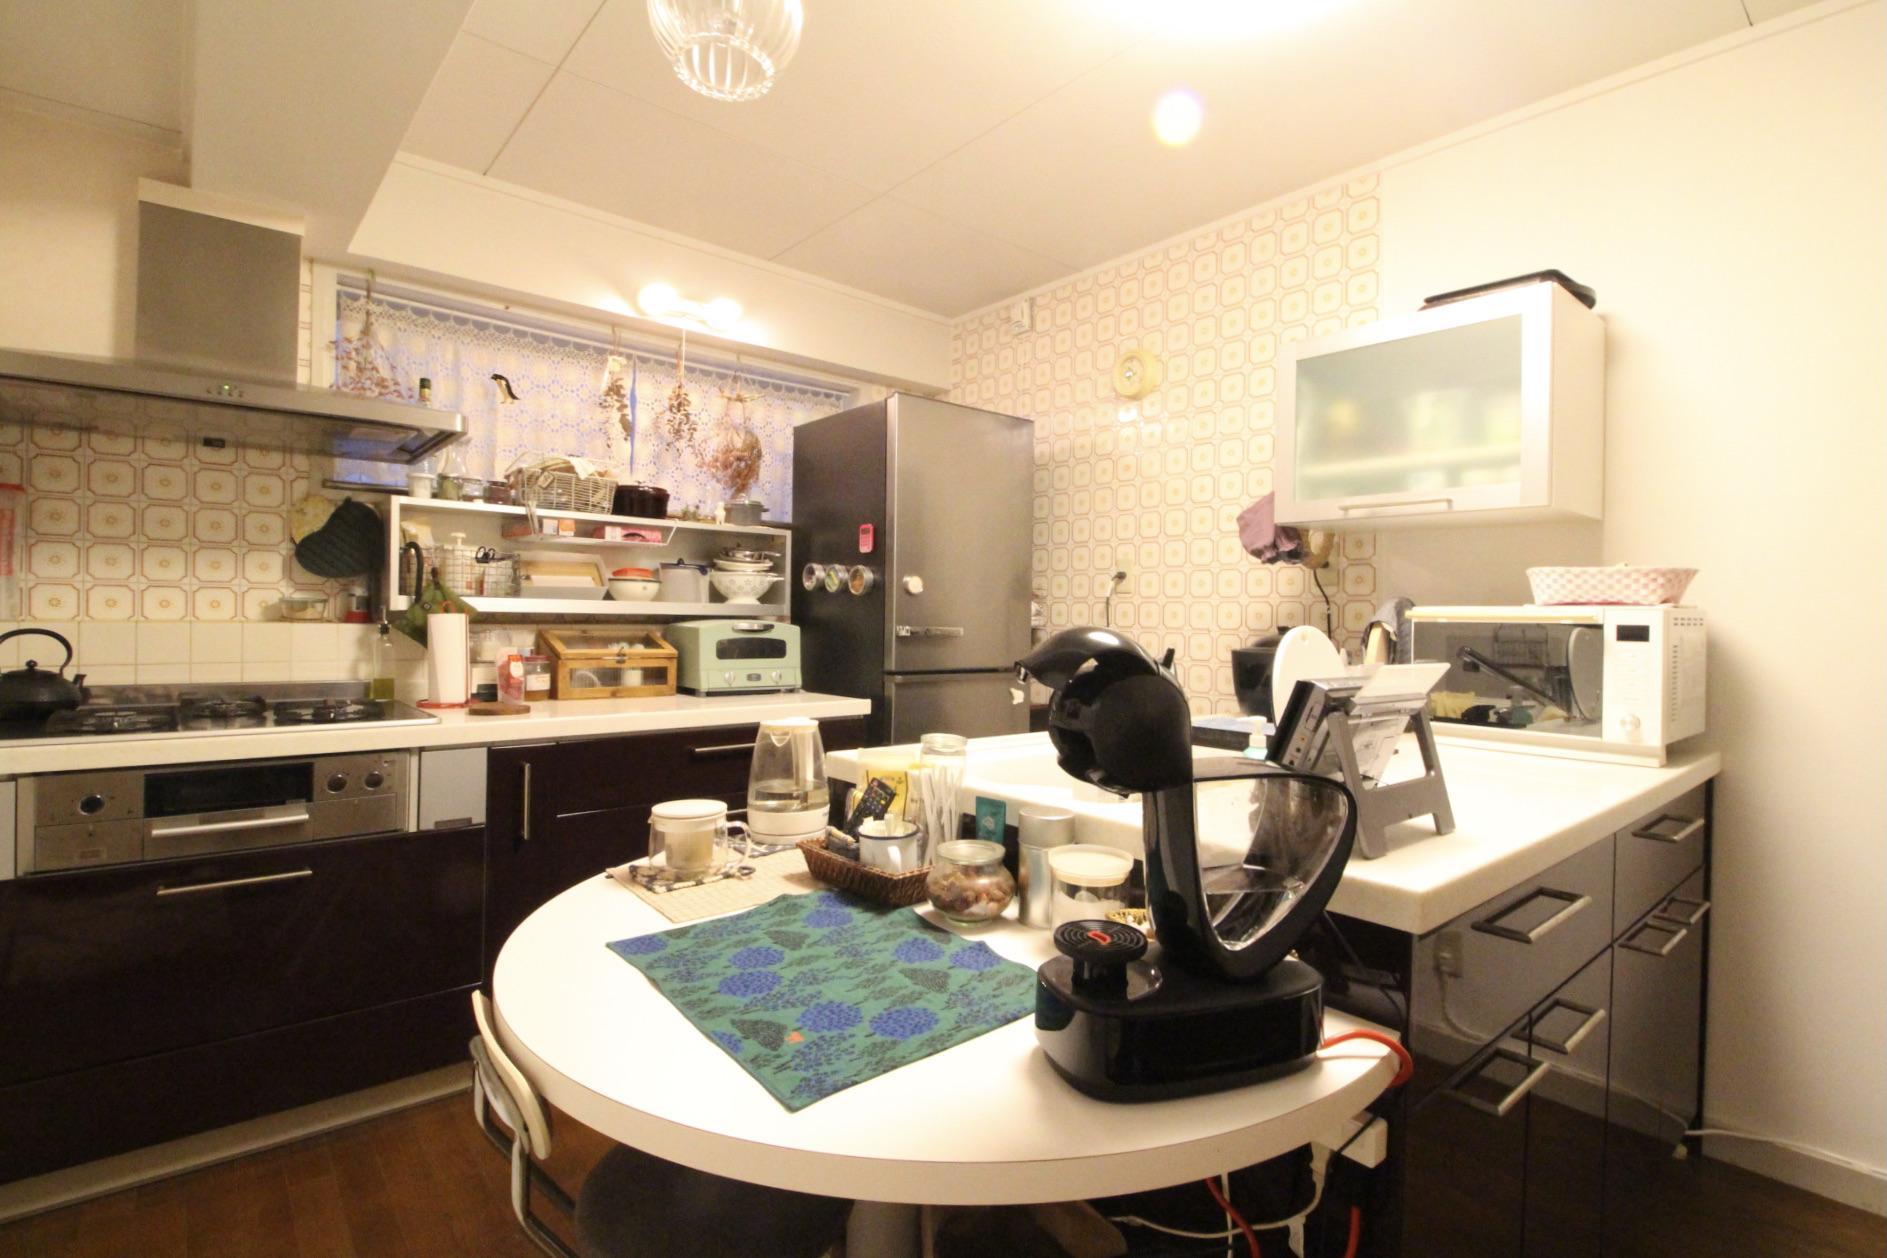 広くて使い勝手の良さそうなキッチン